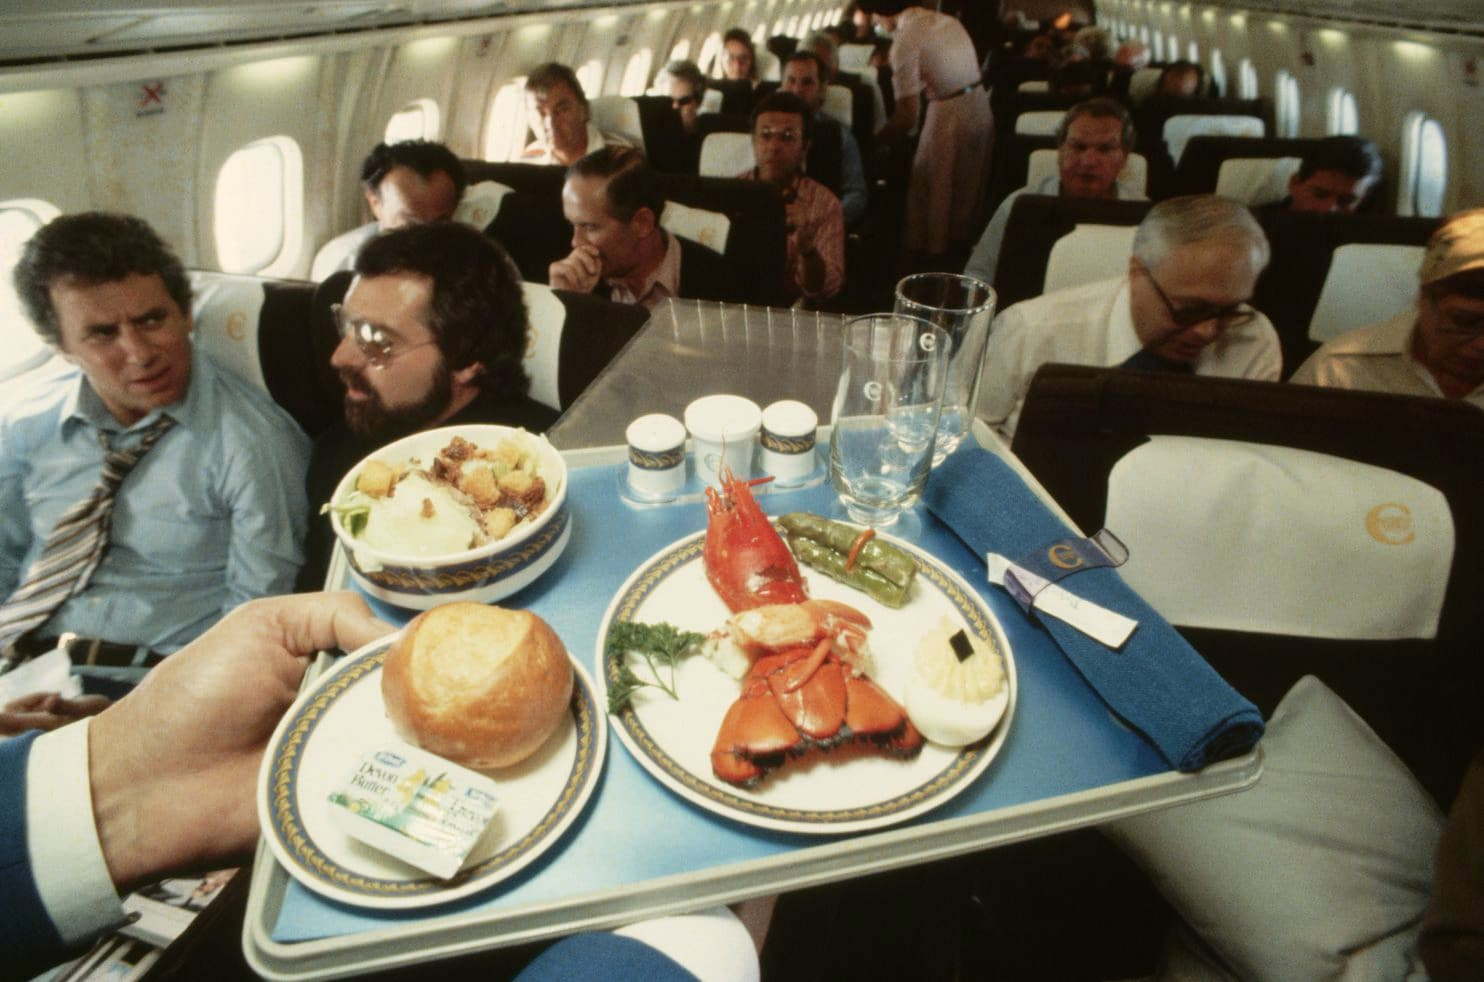 لماذا طعام الطائرات يكون غير لذيذ المذاق ؟!